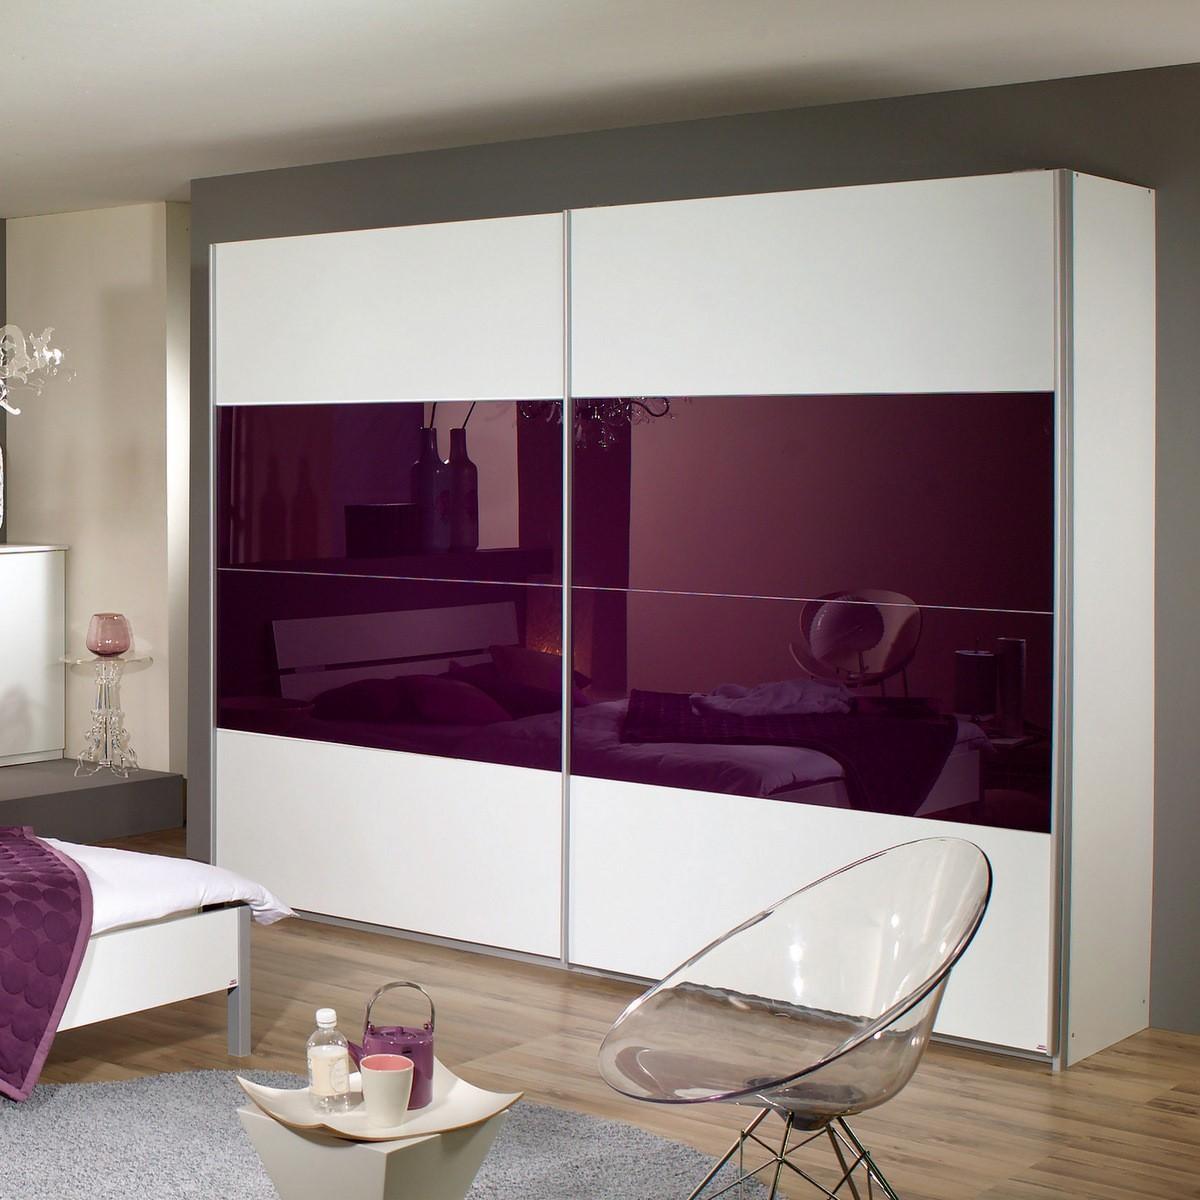 Schlafzimmer Quadra : Schlafzimmer Weiß Lila  Schwebetuerenschrank Quadra in Weiss Lila